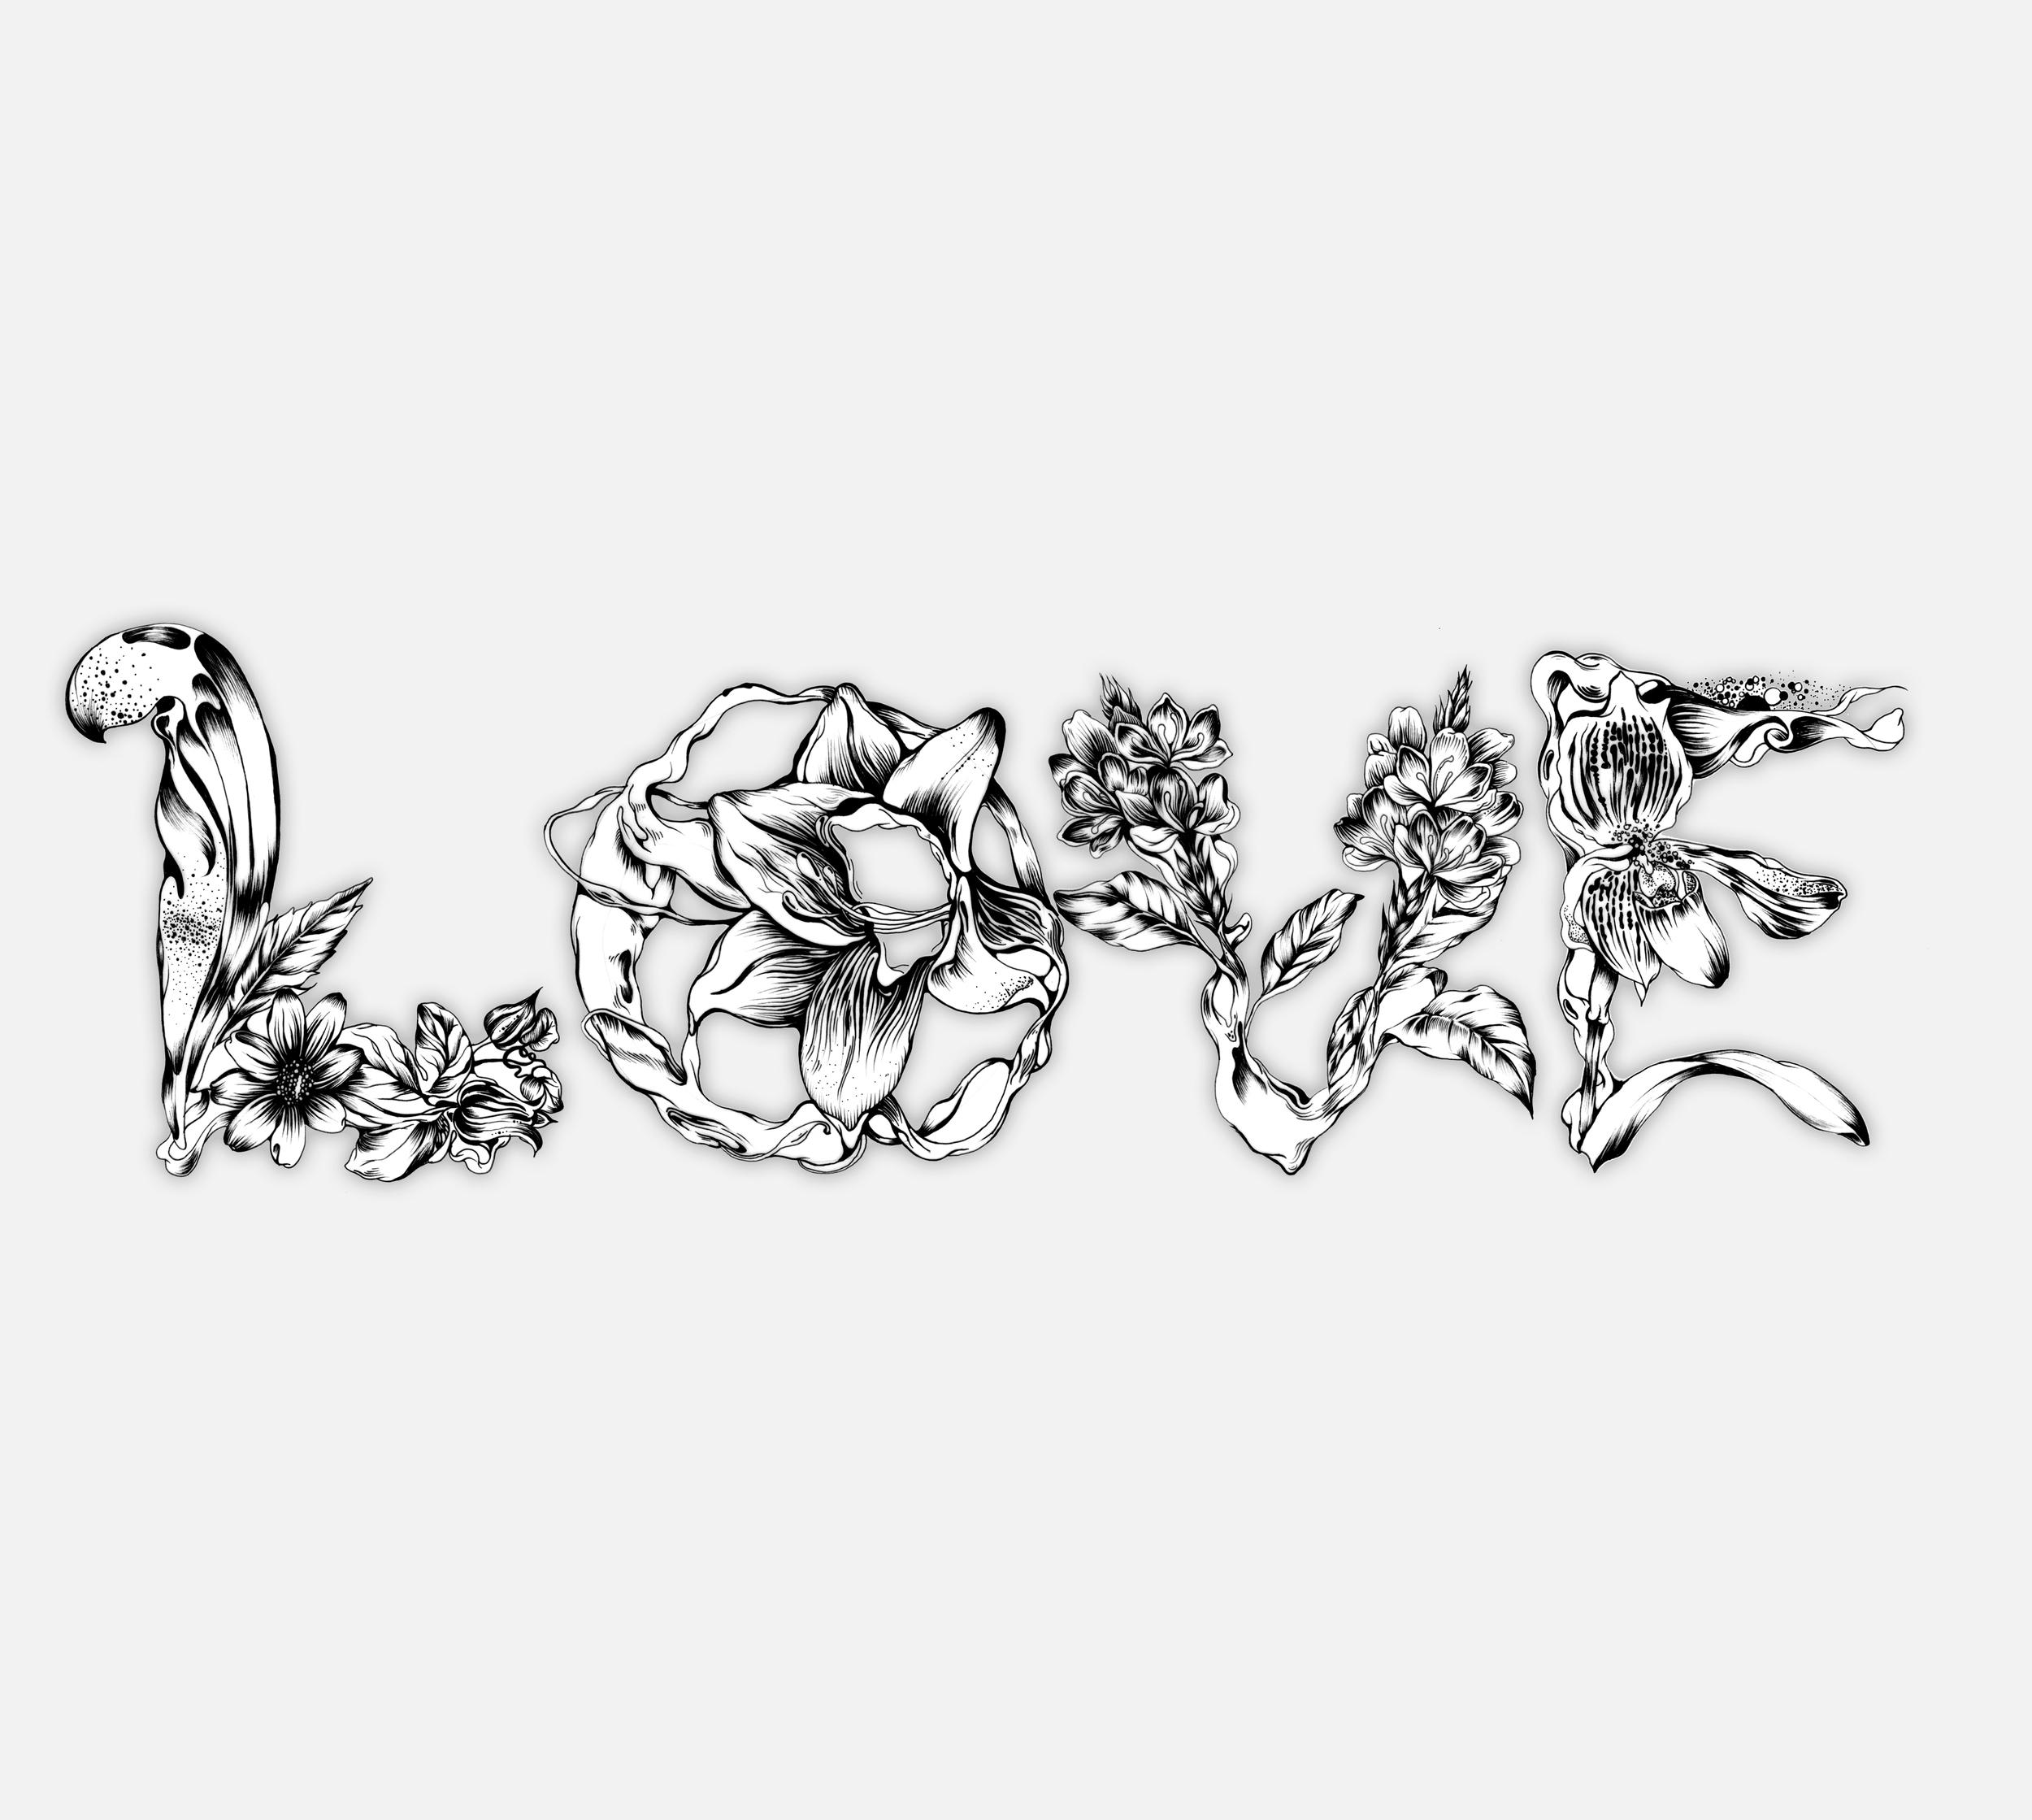 07 - LOVE.jpg